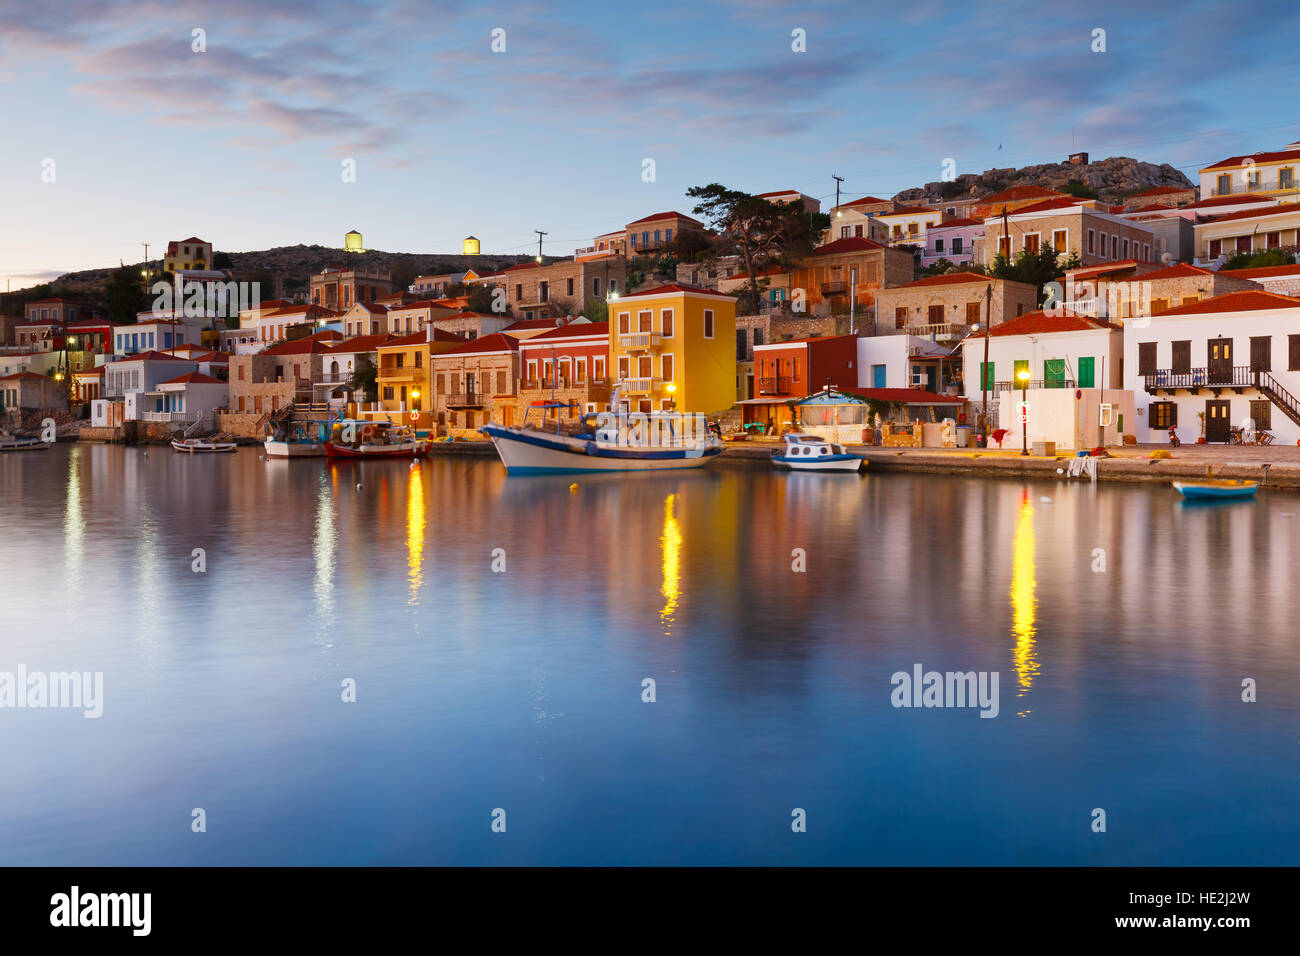 Vista de Halki village y su puerto, Grecia. Imagen De Stock